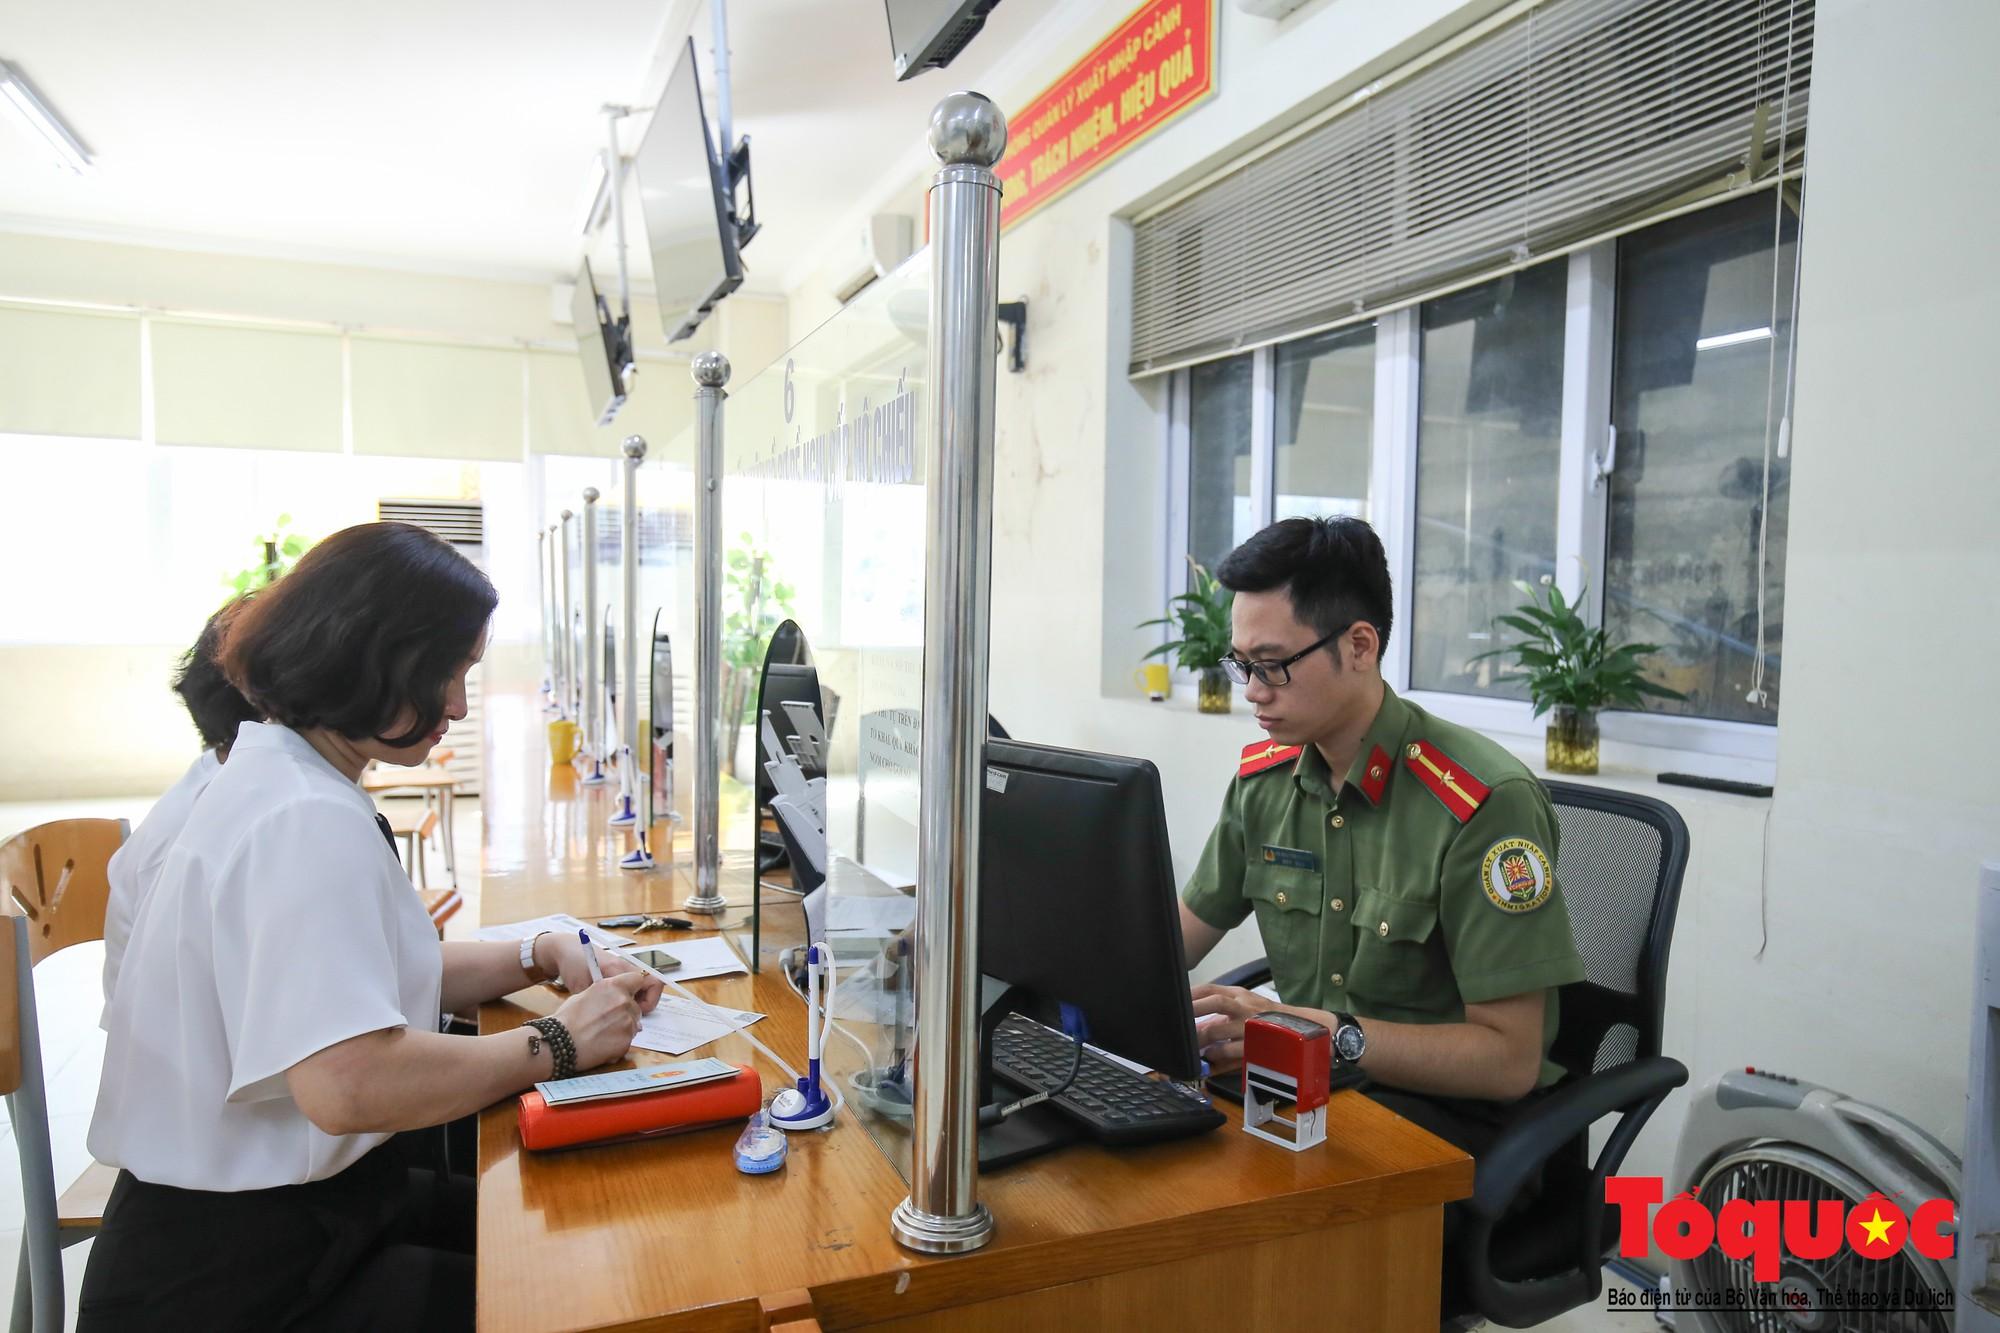 Lực lượng Công an Thủ đô vui tươi, tình nguyện phục vụ nhân dân trong Chủ Nhật (14)